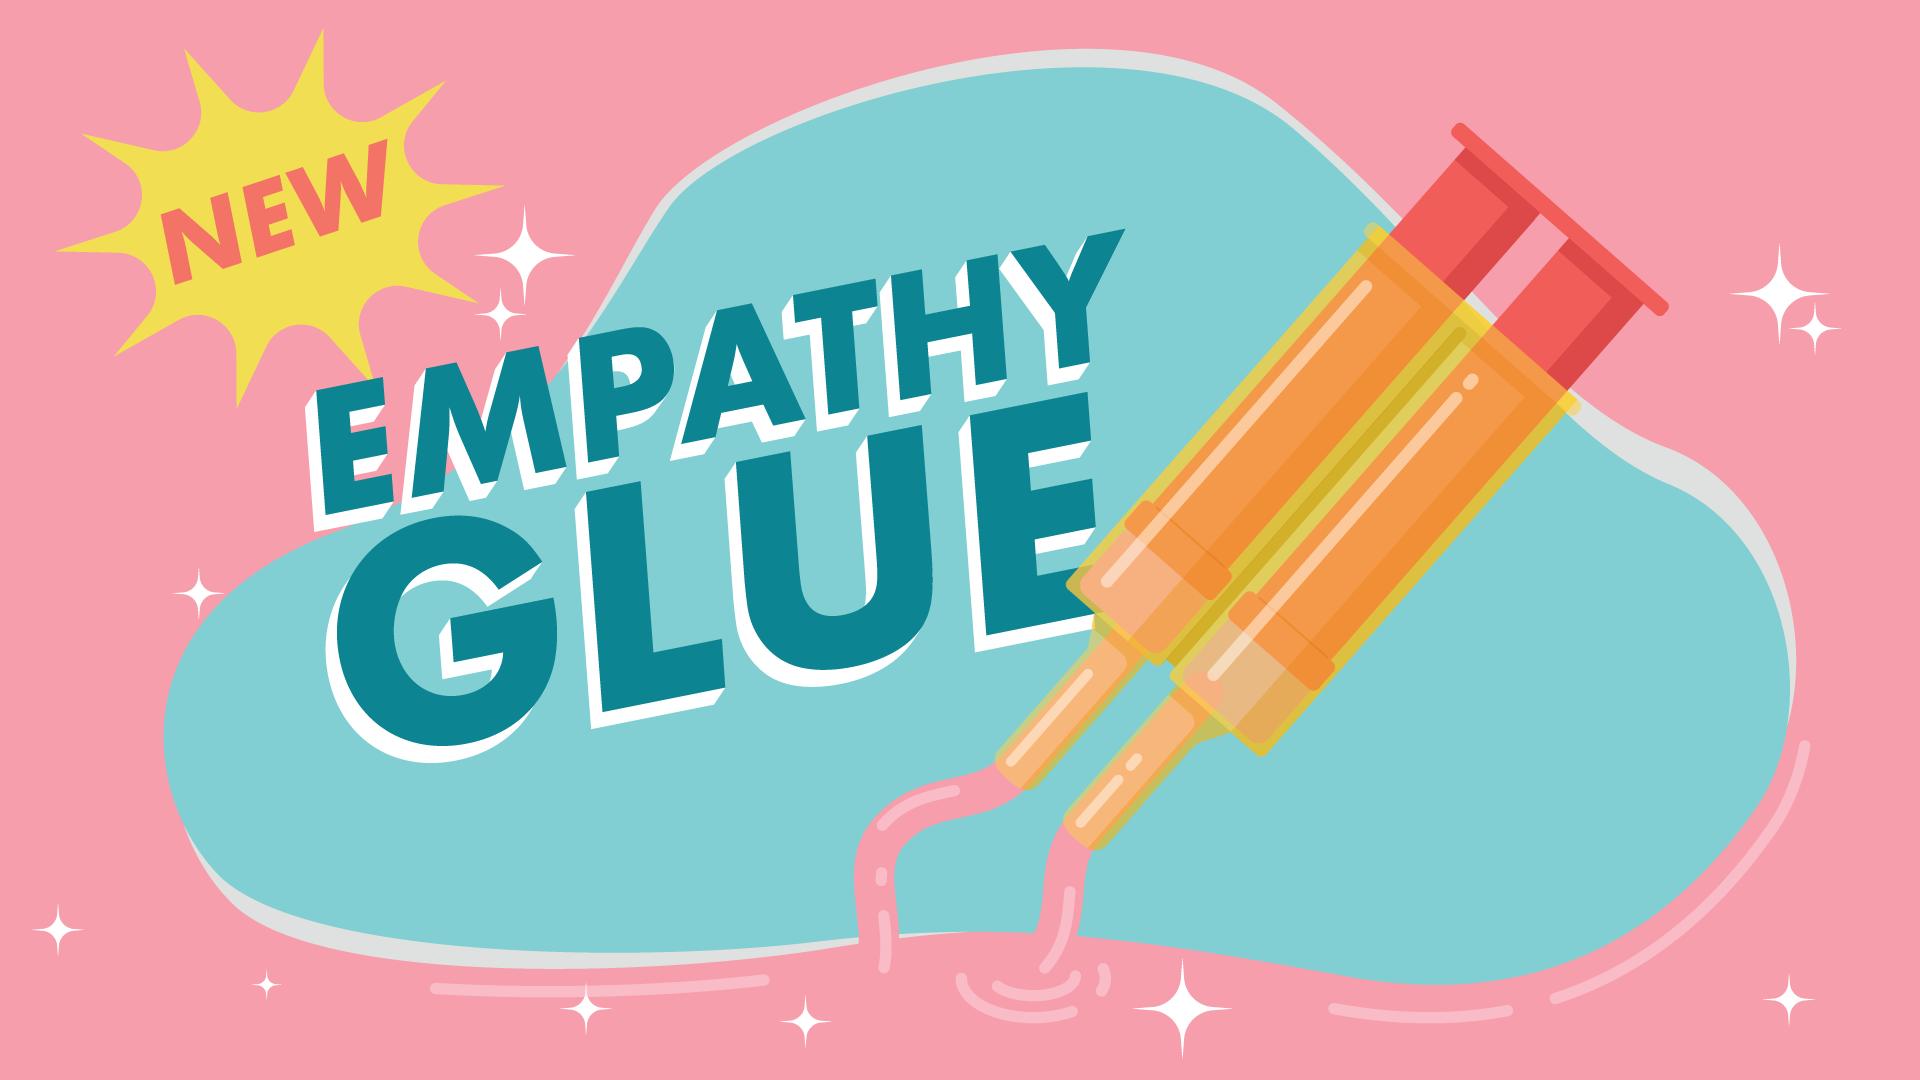 EmpathyGlue_Advert_Slide_01.png